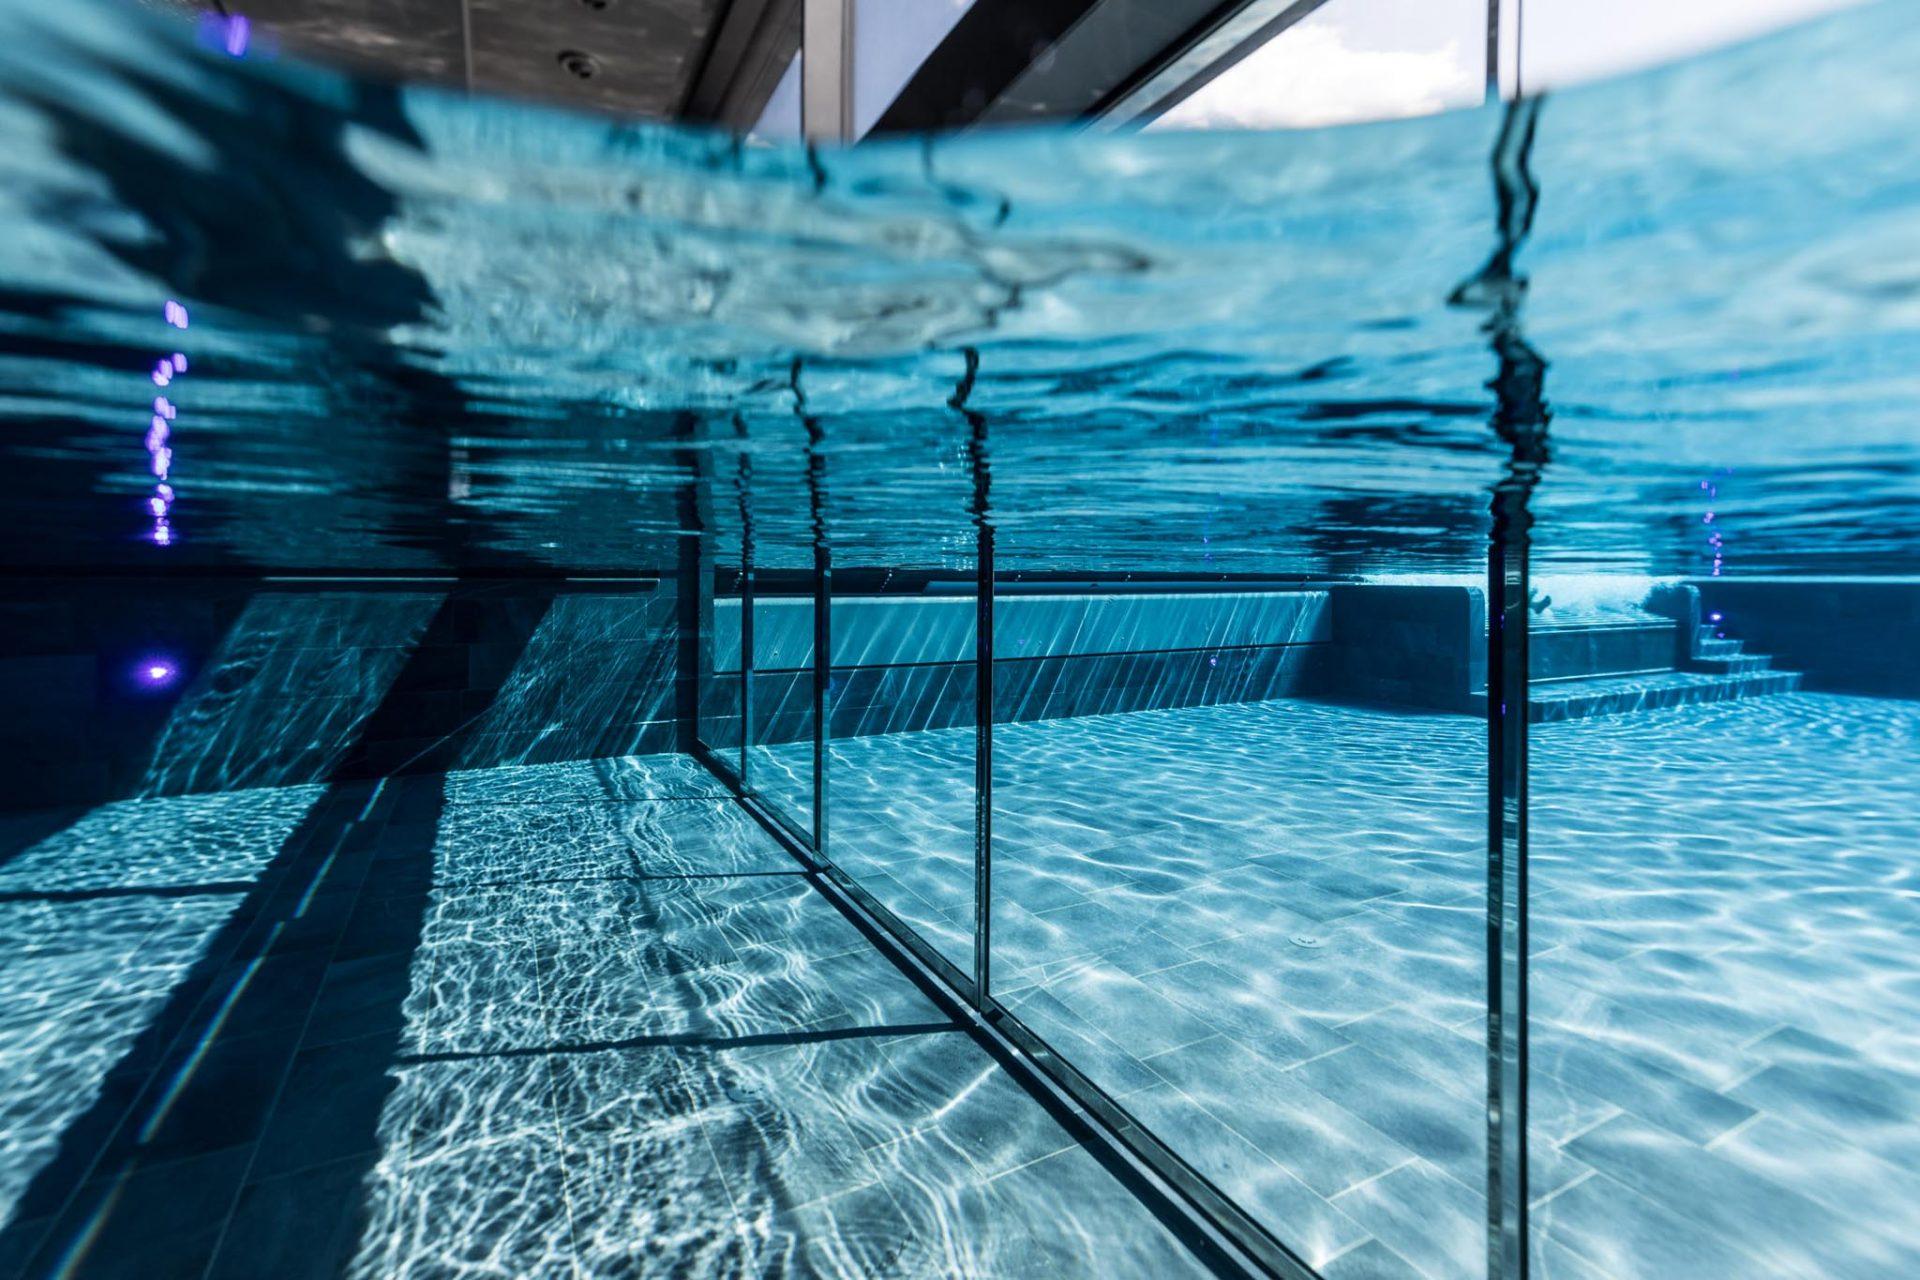 Underwater swimming pool doors - METEK Ltd.